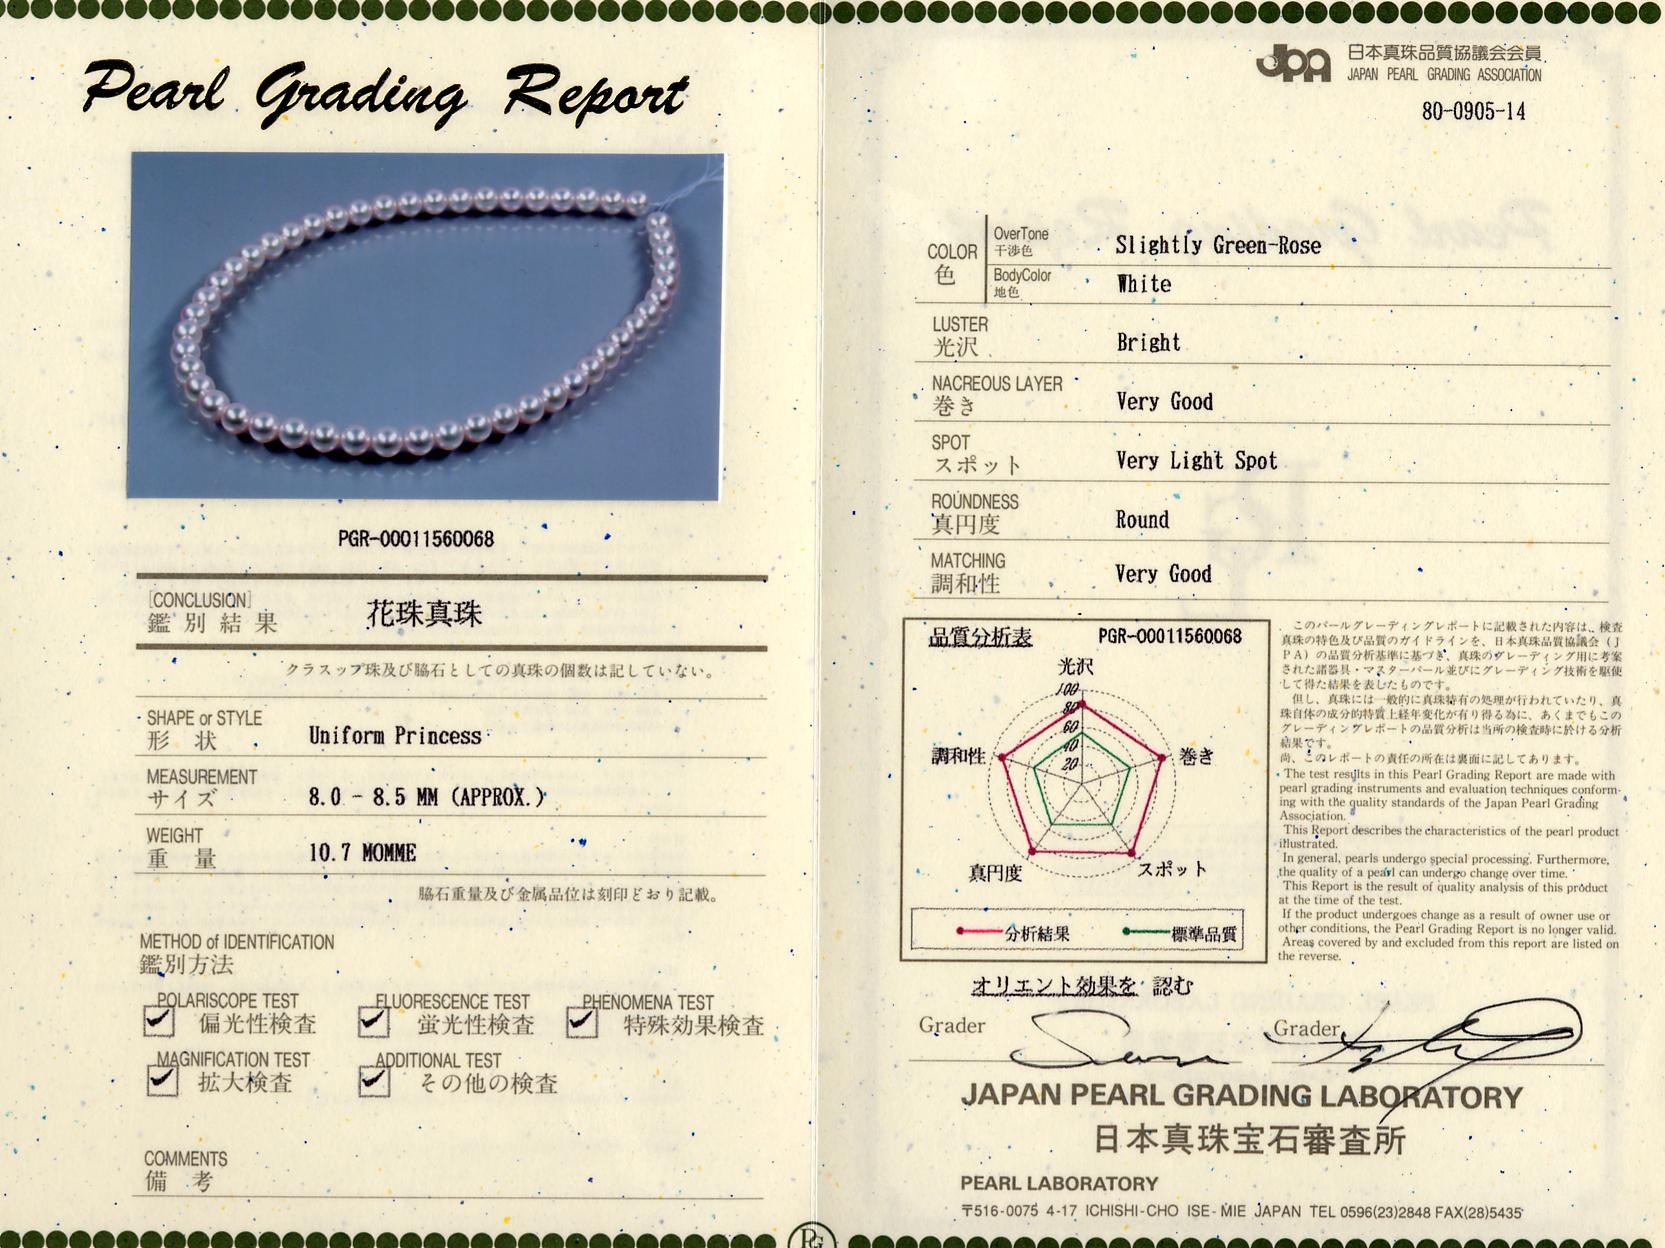 日本真珠宝石審査所